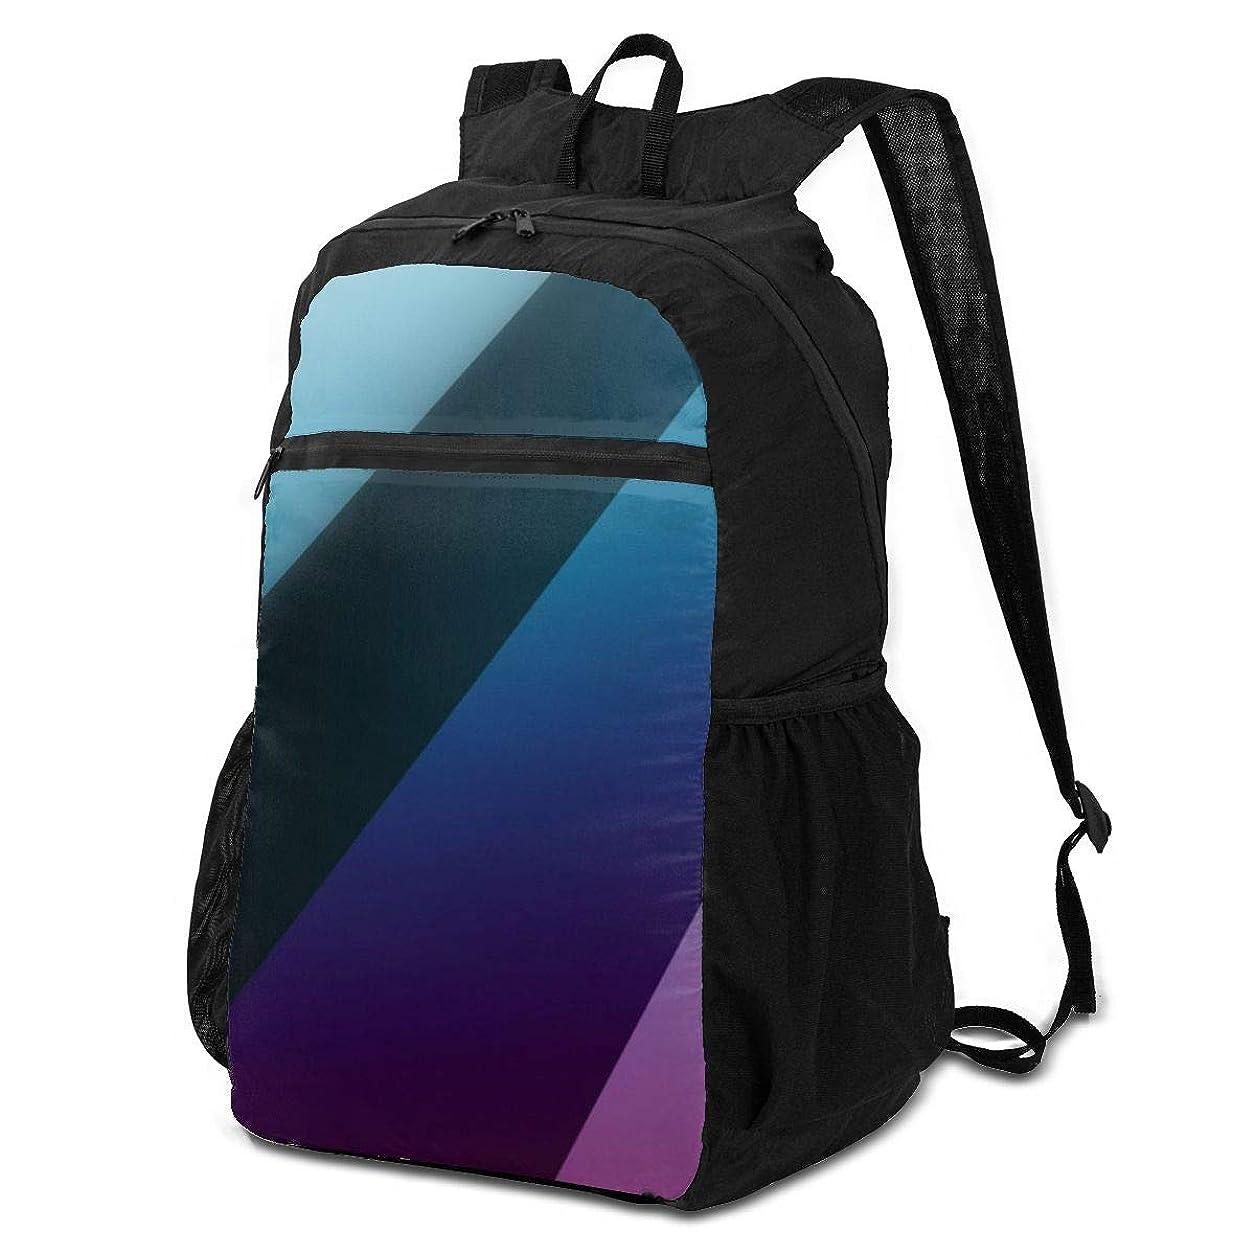 ブルジョンジャケット余暇登山リュック ザック 抽象芸術の単純な線 バックパック 軽量 防水 通勤 小型旅行 折りたたみ式キャンプ アウトドアバッグ